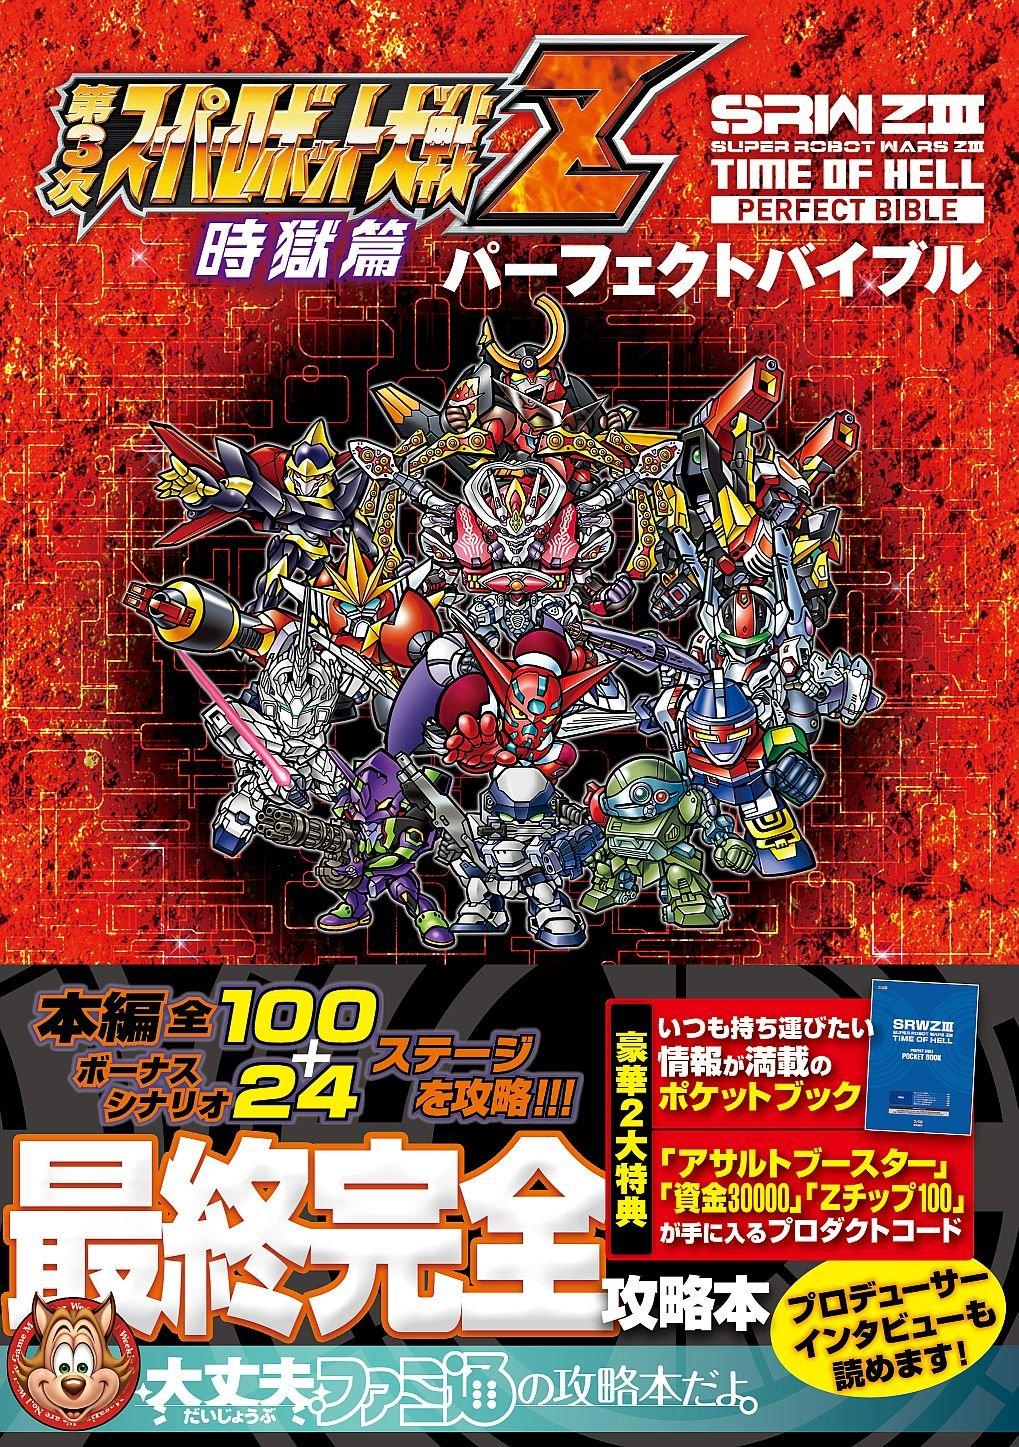 スーパー 攻略 三 次 第 ロボット 大戦 第2次&第3次超級攻略「エキセントリック・タクティクス」